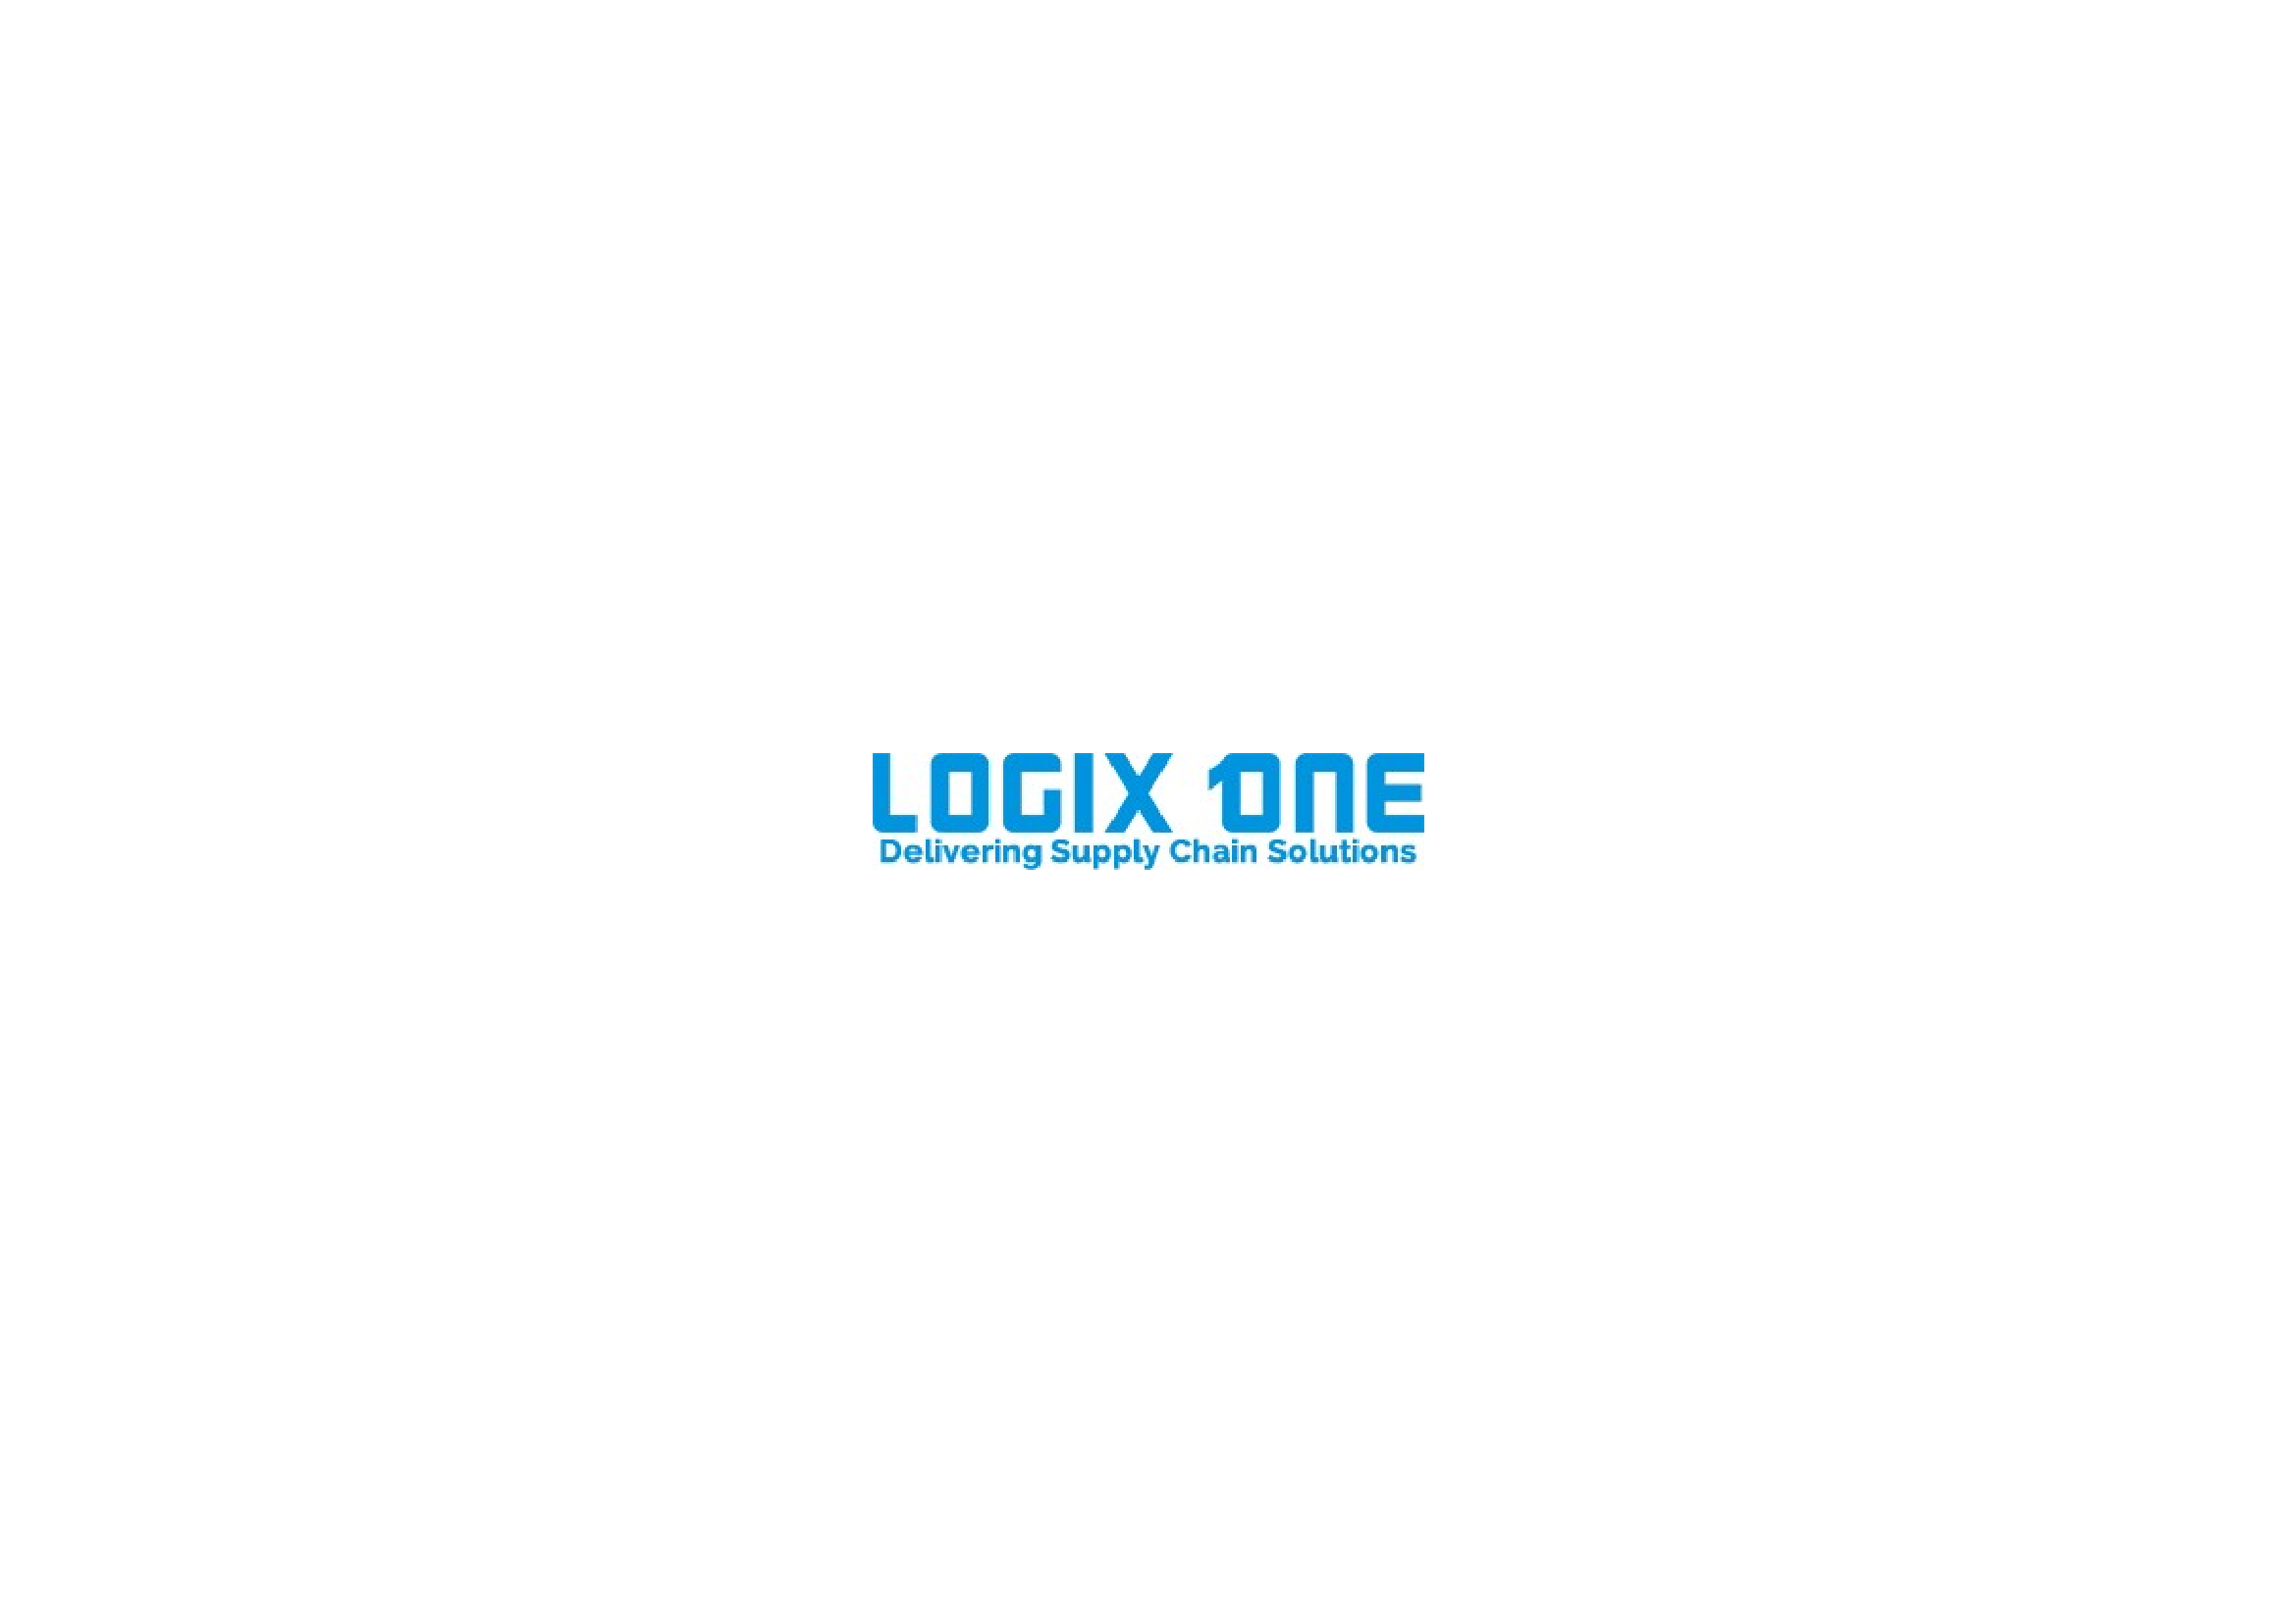 LOGIX ONE